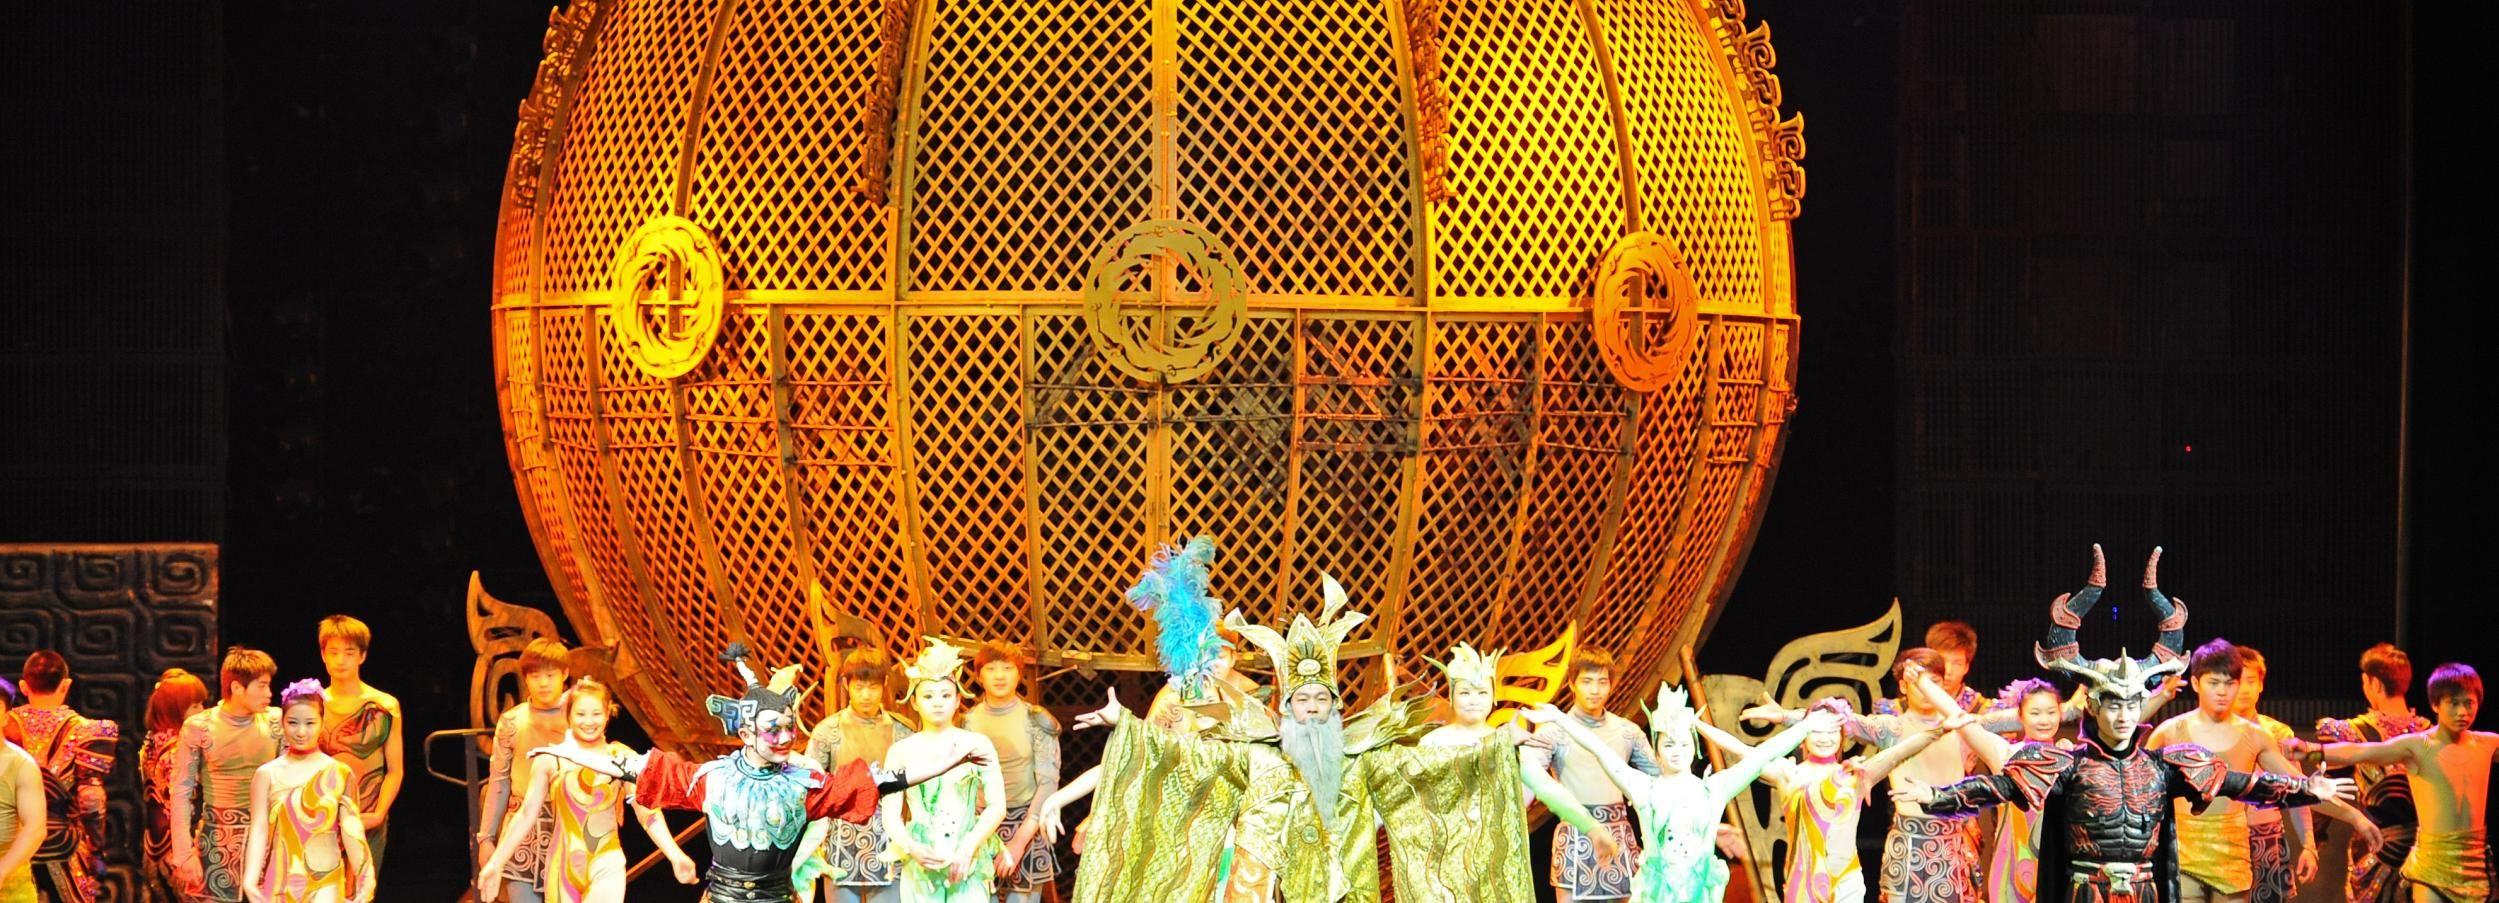 Pechino: spettacolo acrobatico Chaoyang con trasferimento opzionale